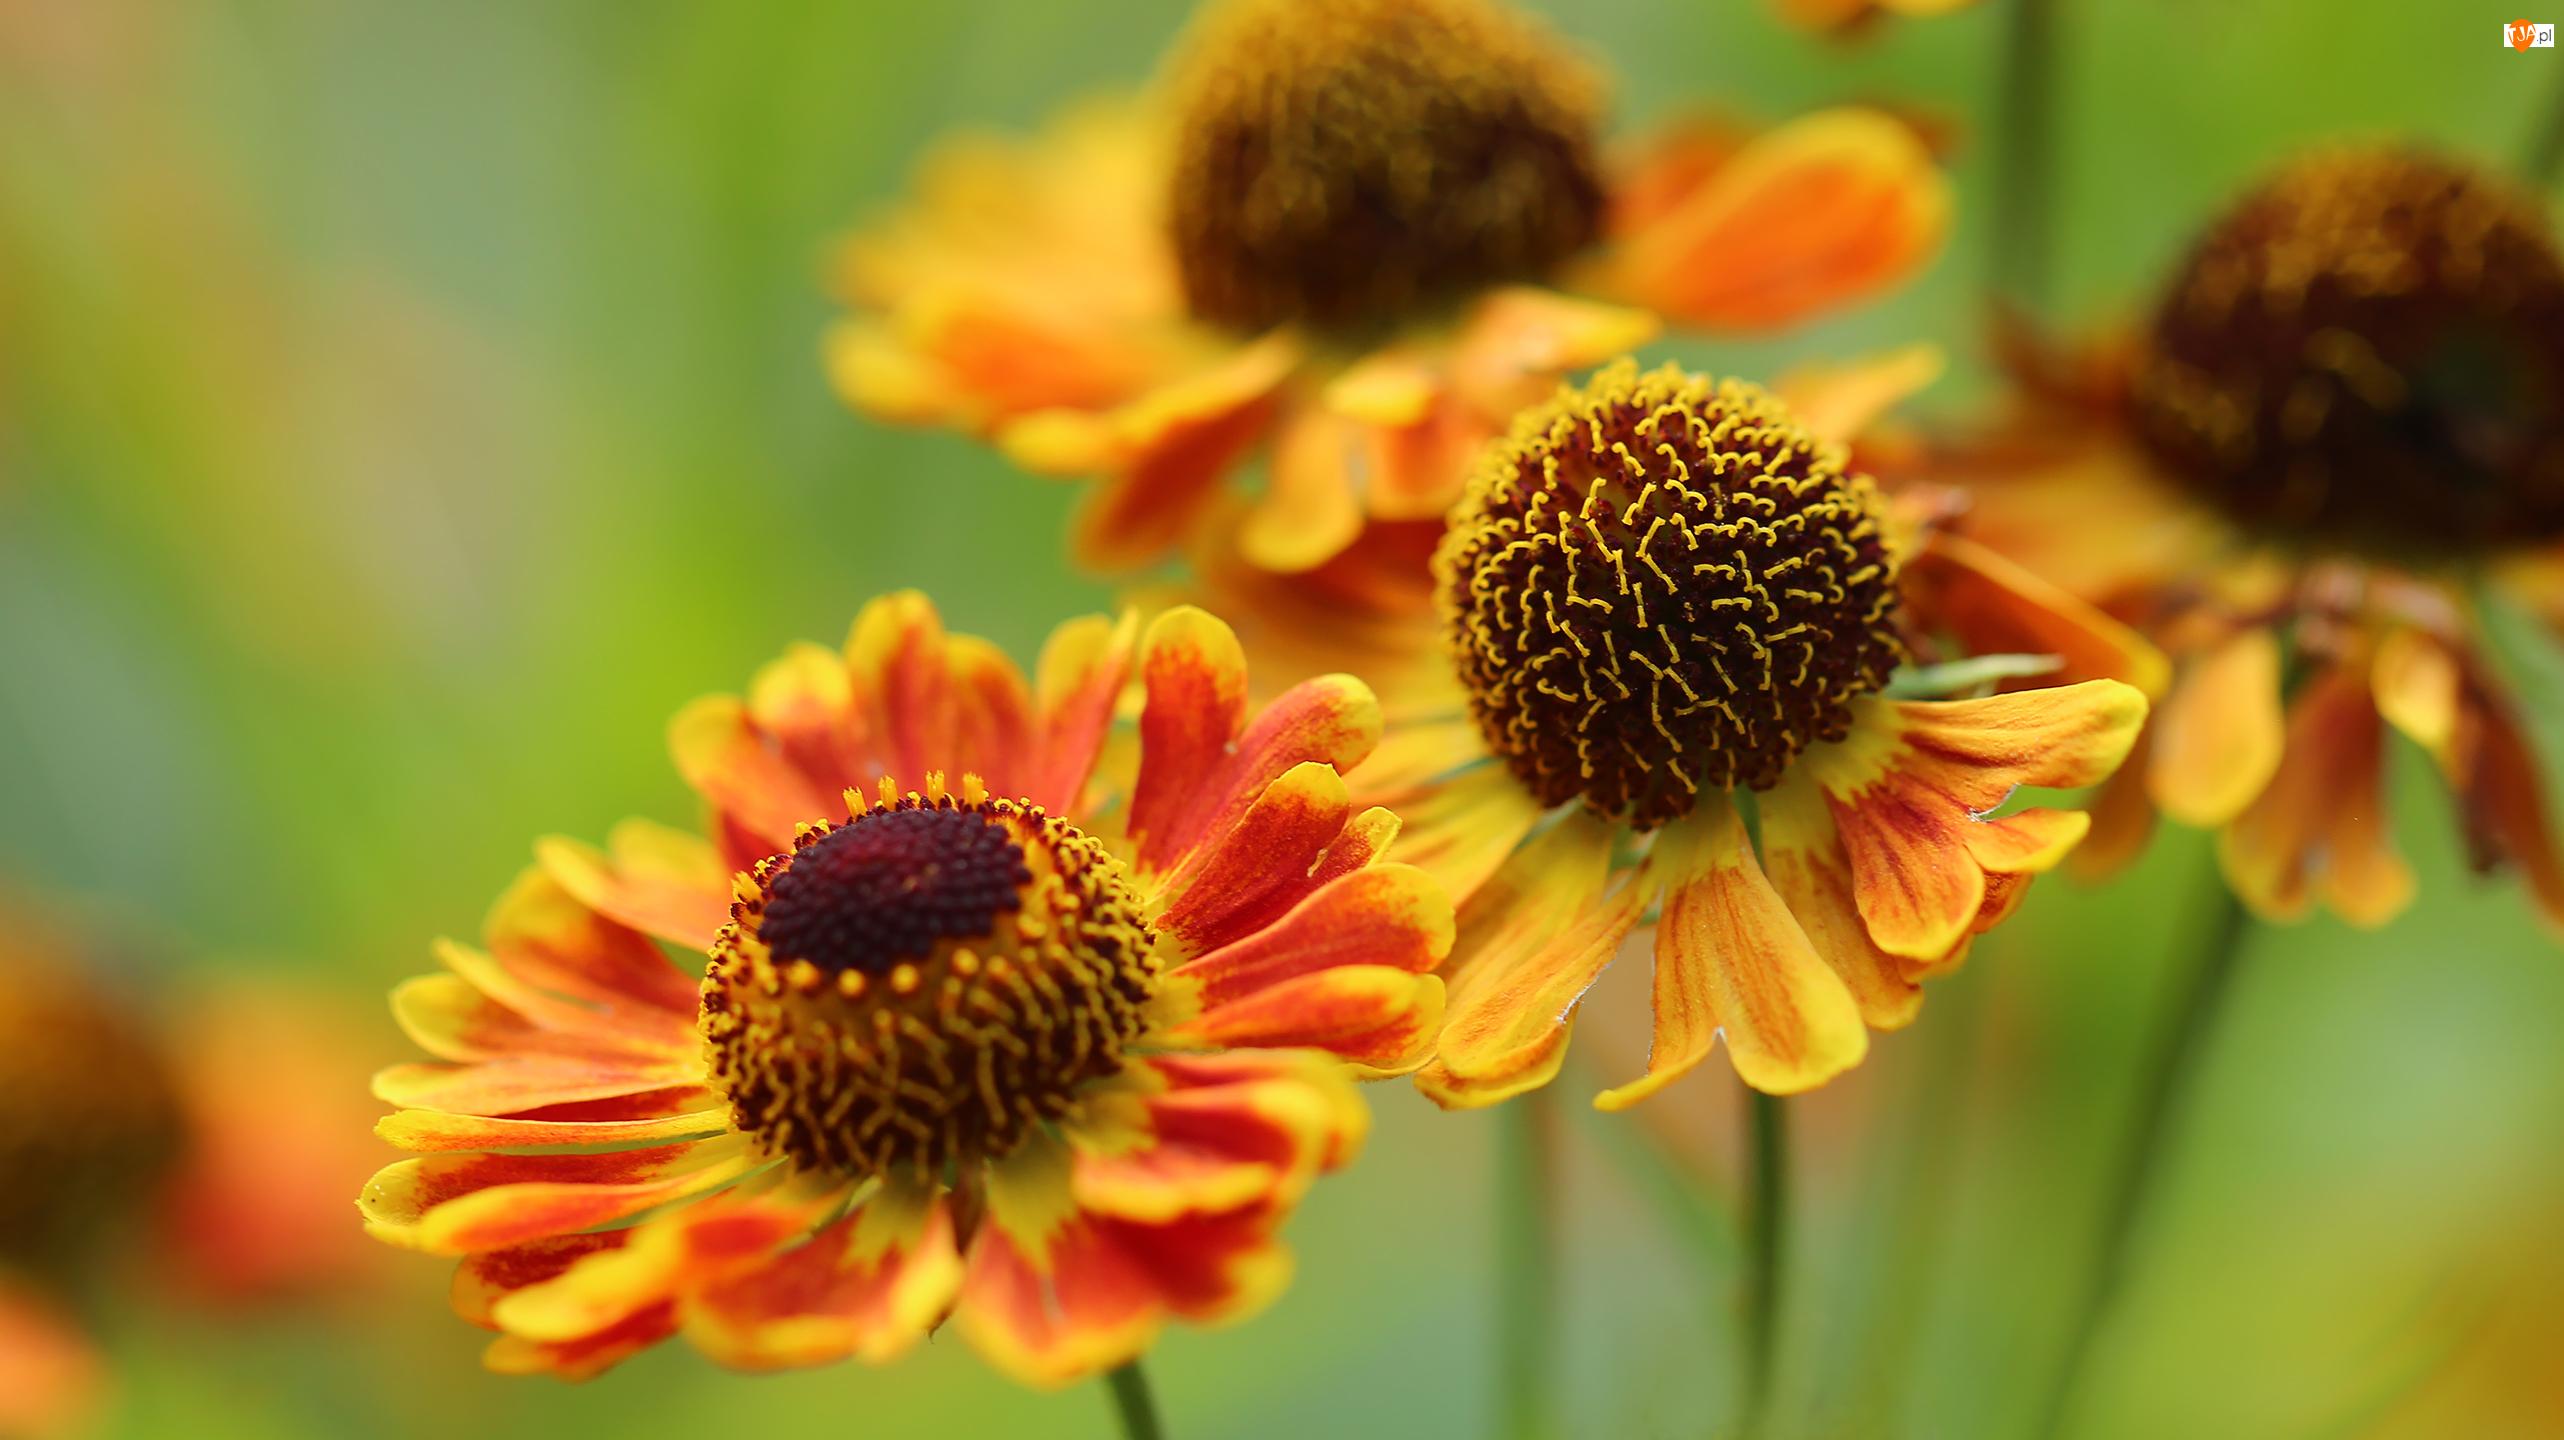 Dzielżan Ogrodowy, Żółte, Kwiaty, Czerwone